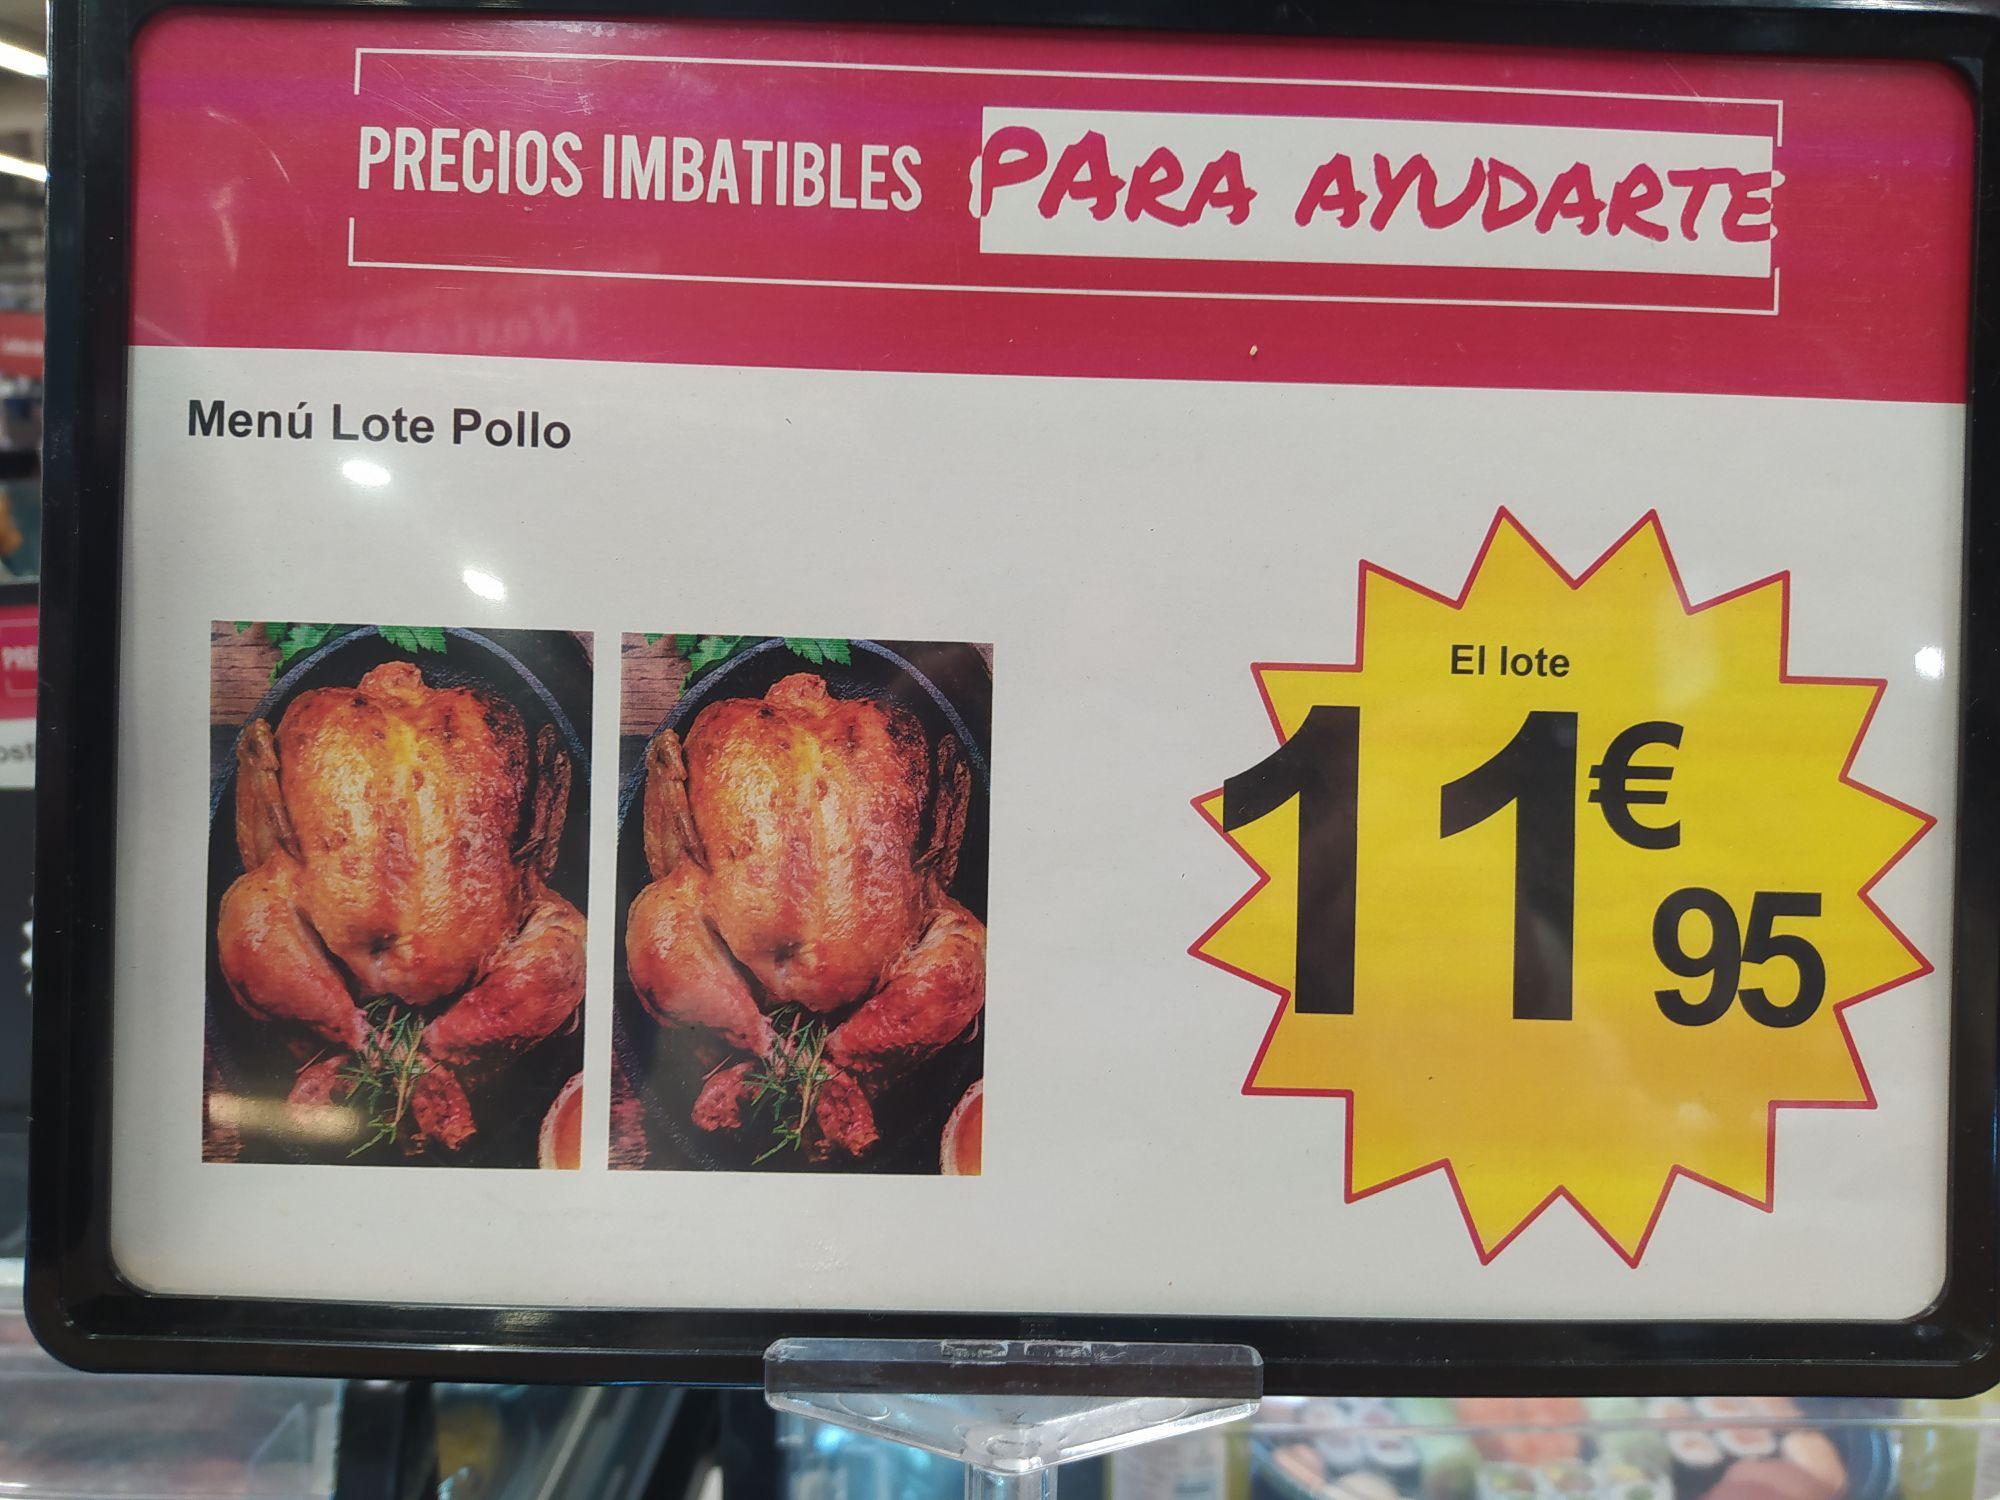 Dos pollos y una bolsa en Carrefour al lado de Plaza Norte 2 (San Sebastián de los Reyes)